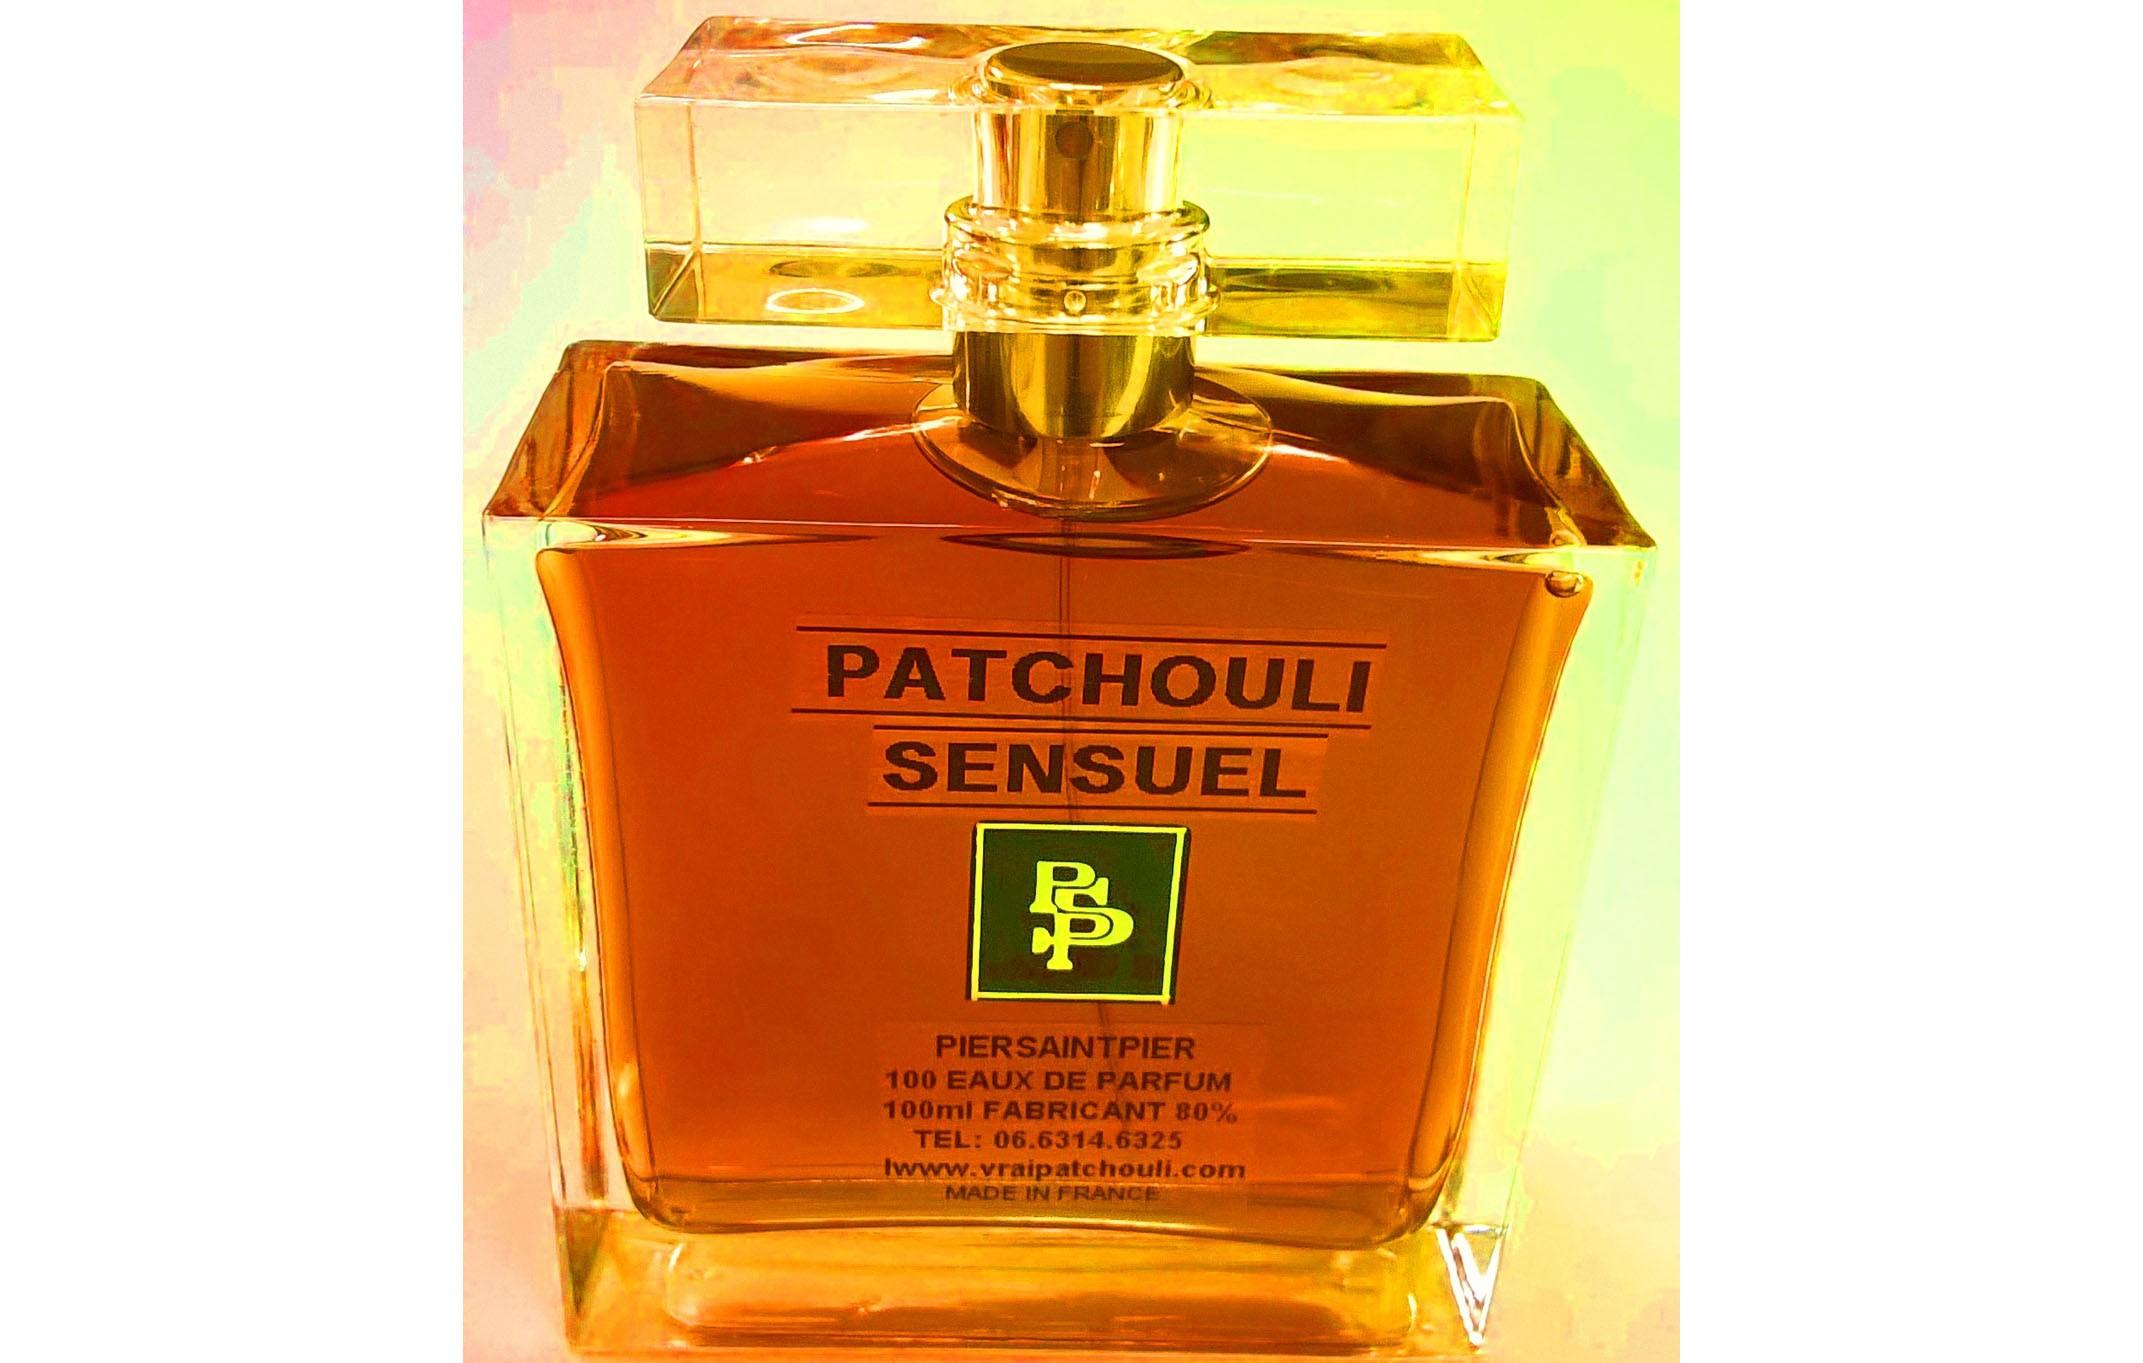 PATCHOULI SENSUEL (Flacon Luxe / Sans Boite)